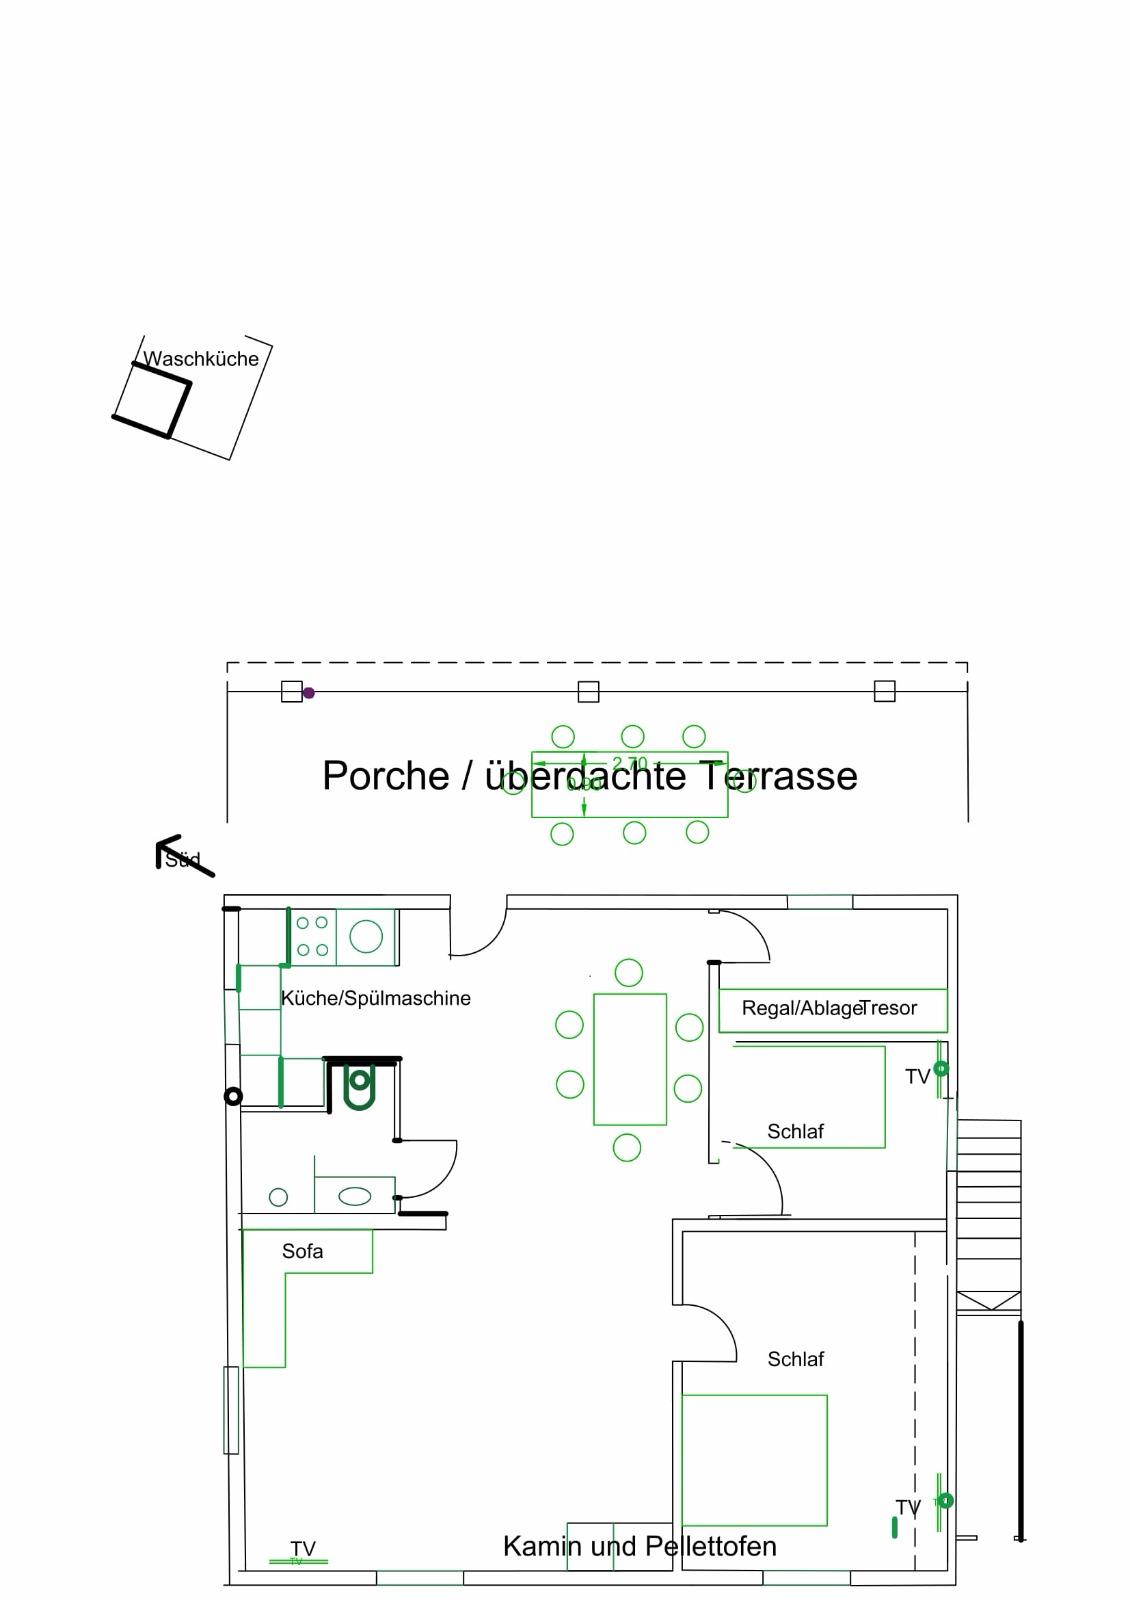 mapa de habitaciones